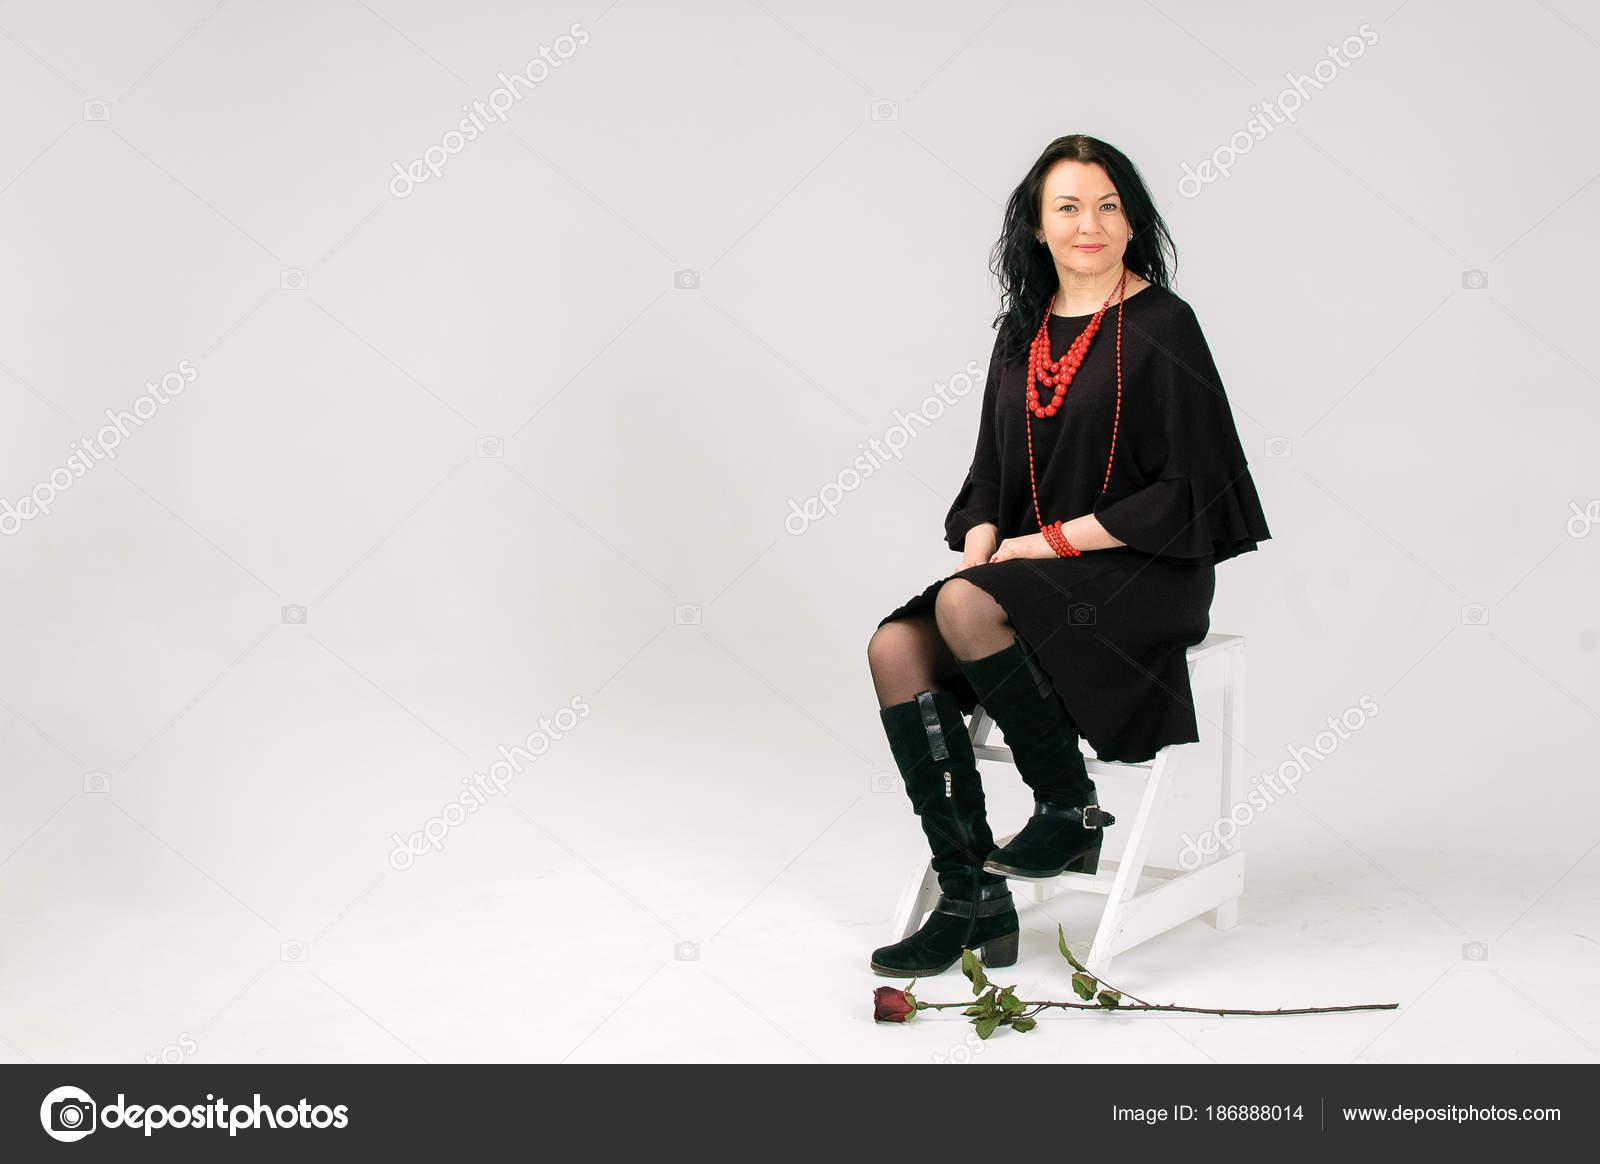 9e47c45bf8f1 Uma linda mulher de cabelos escura de 40 anos em um vestido preto e  vermelhos grânulos étnicos se senta em uma cadeira. Retrato de comprimento  completo ...